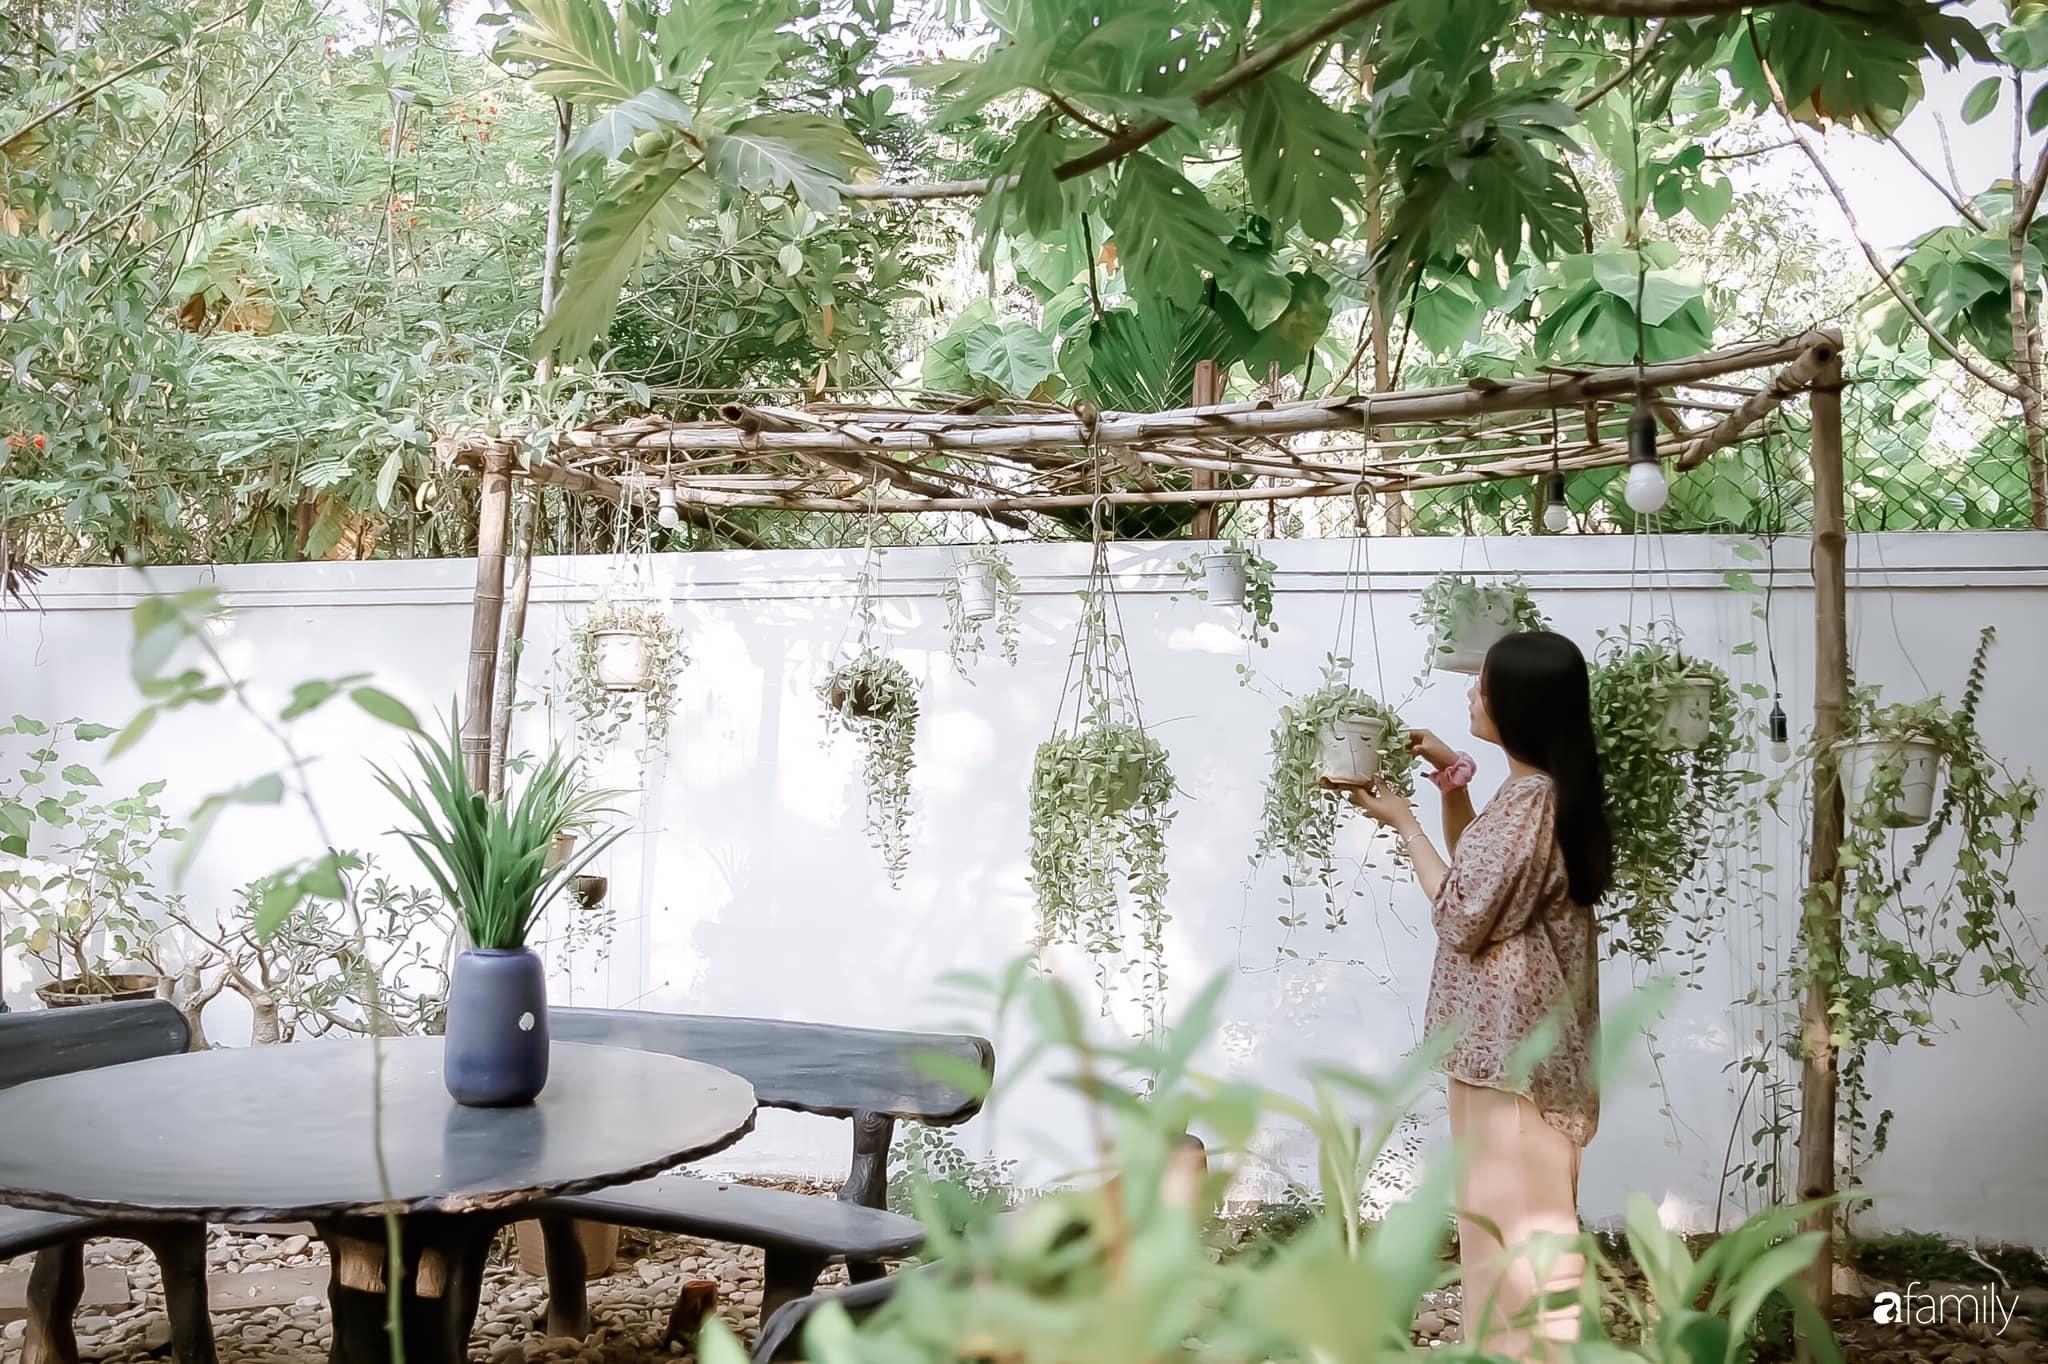 Nhà vườn dân dã, yên bình xứ Huế - Ảnh 7.